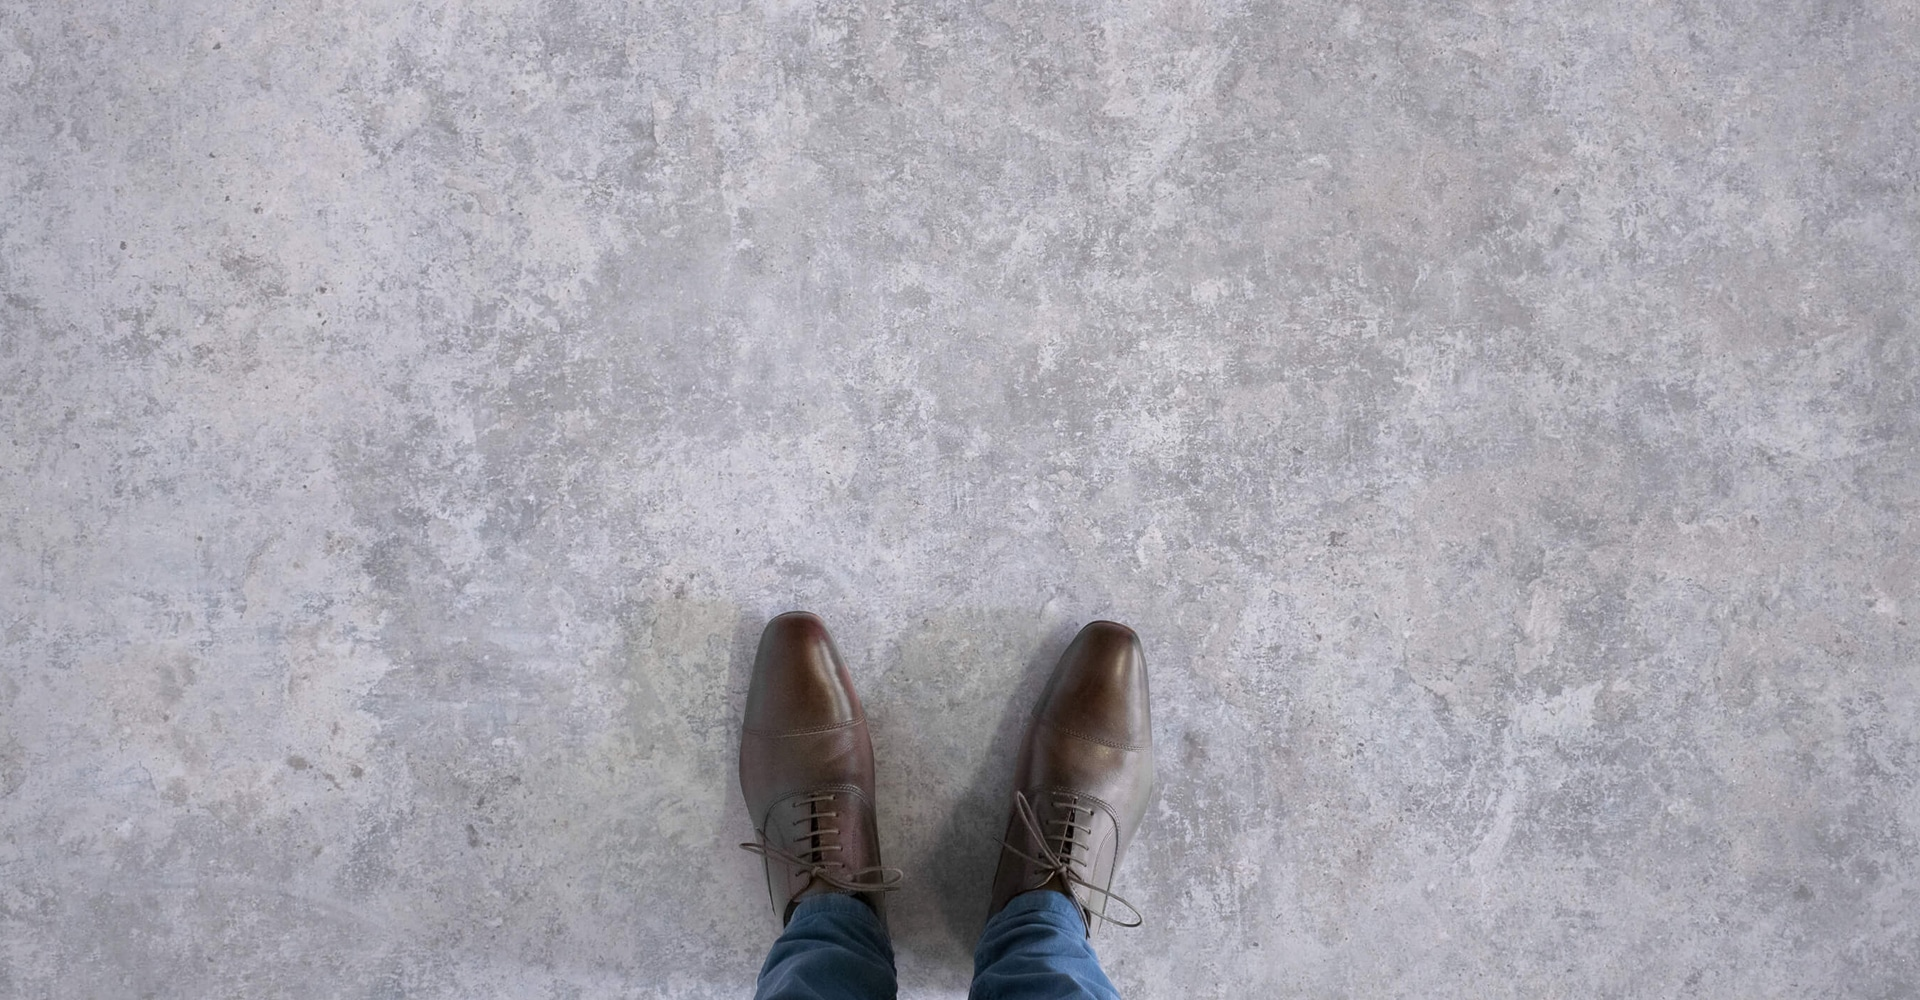 Gietvloer ondervloer betonvloer